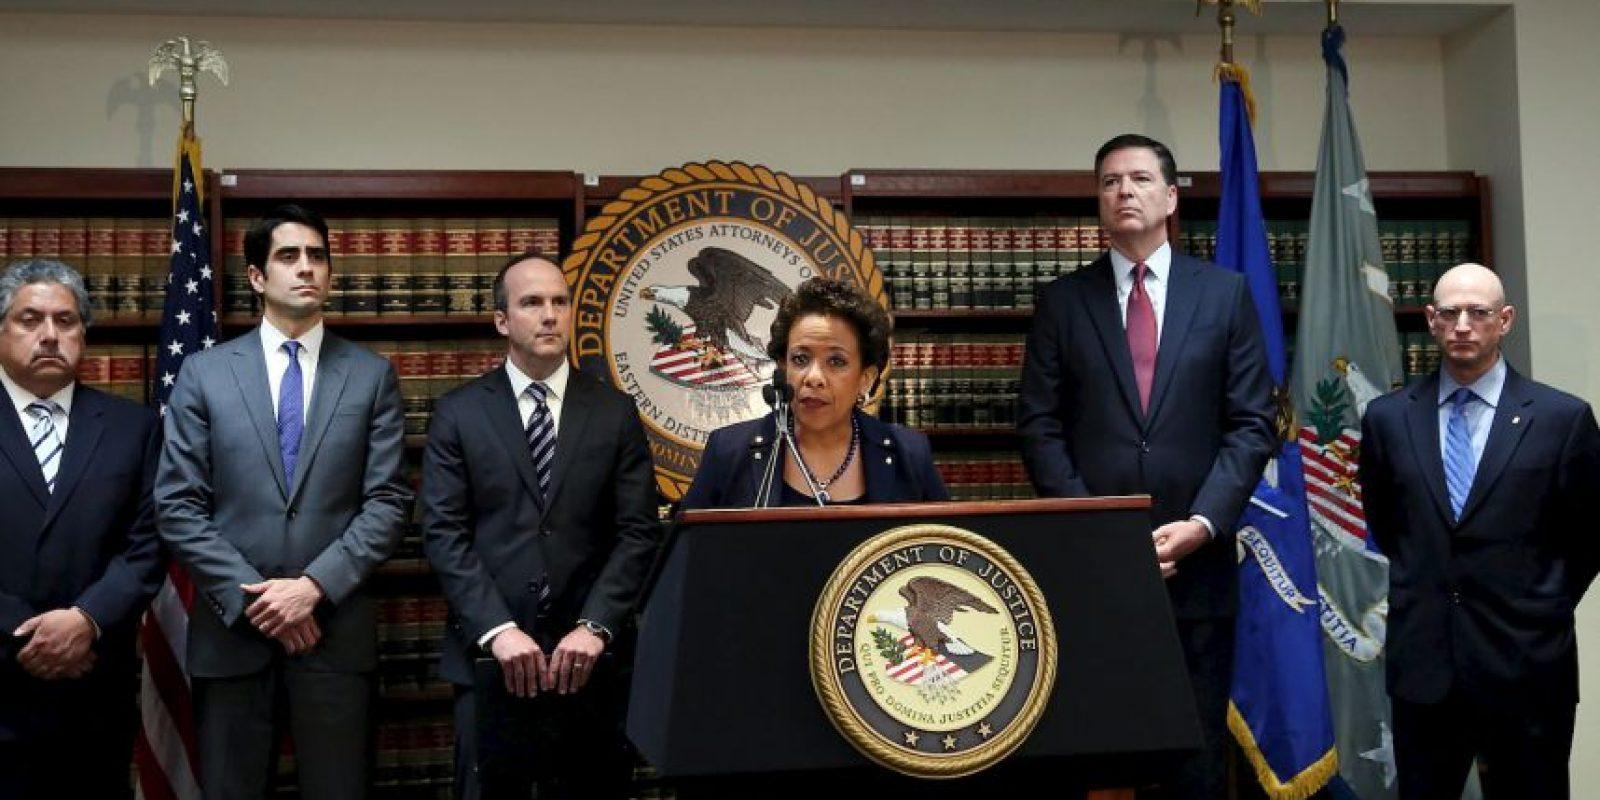 """El FBI abrió una investigación por fraude, corrupción y lavado de dinero contra varios altos mandos del organismo, provocando grandes cambios en la organización. A continuación, los directivos """"caídos"""" tras el """"FIFA Gate"""". Foto:Getty Images"""